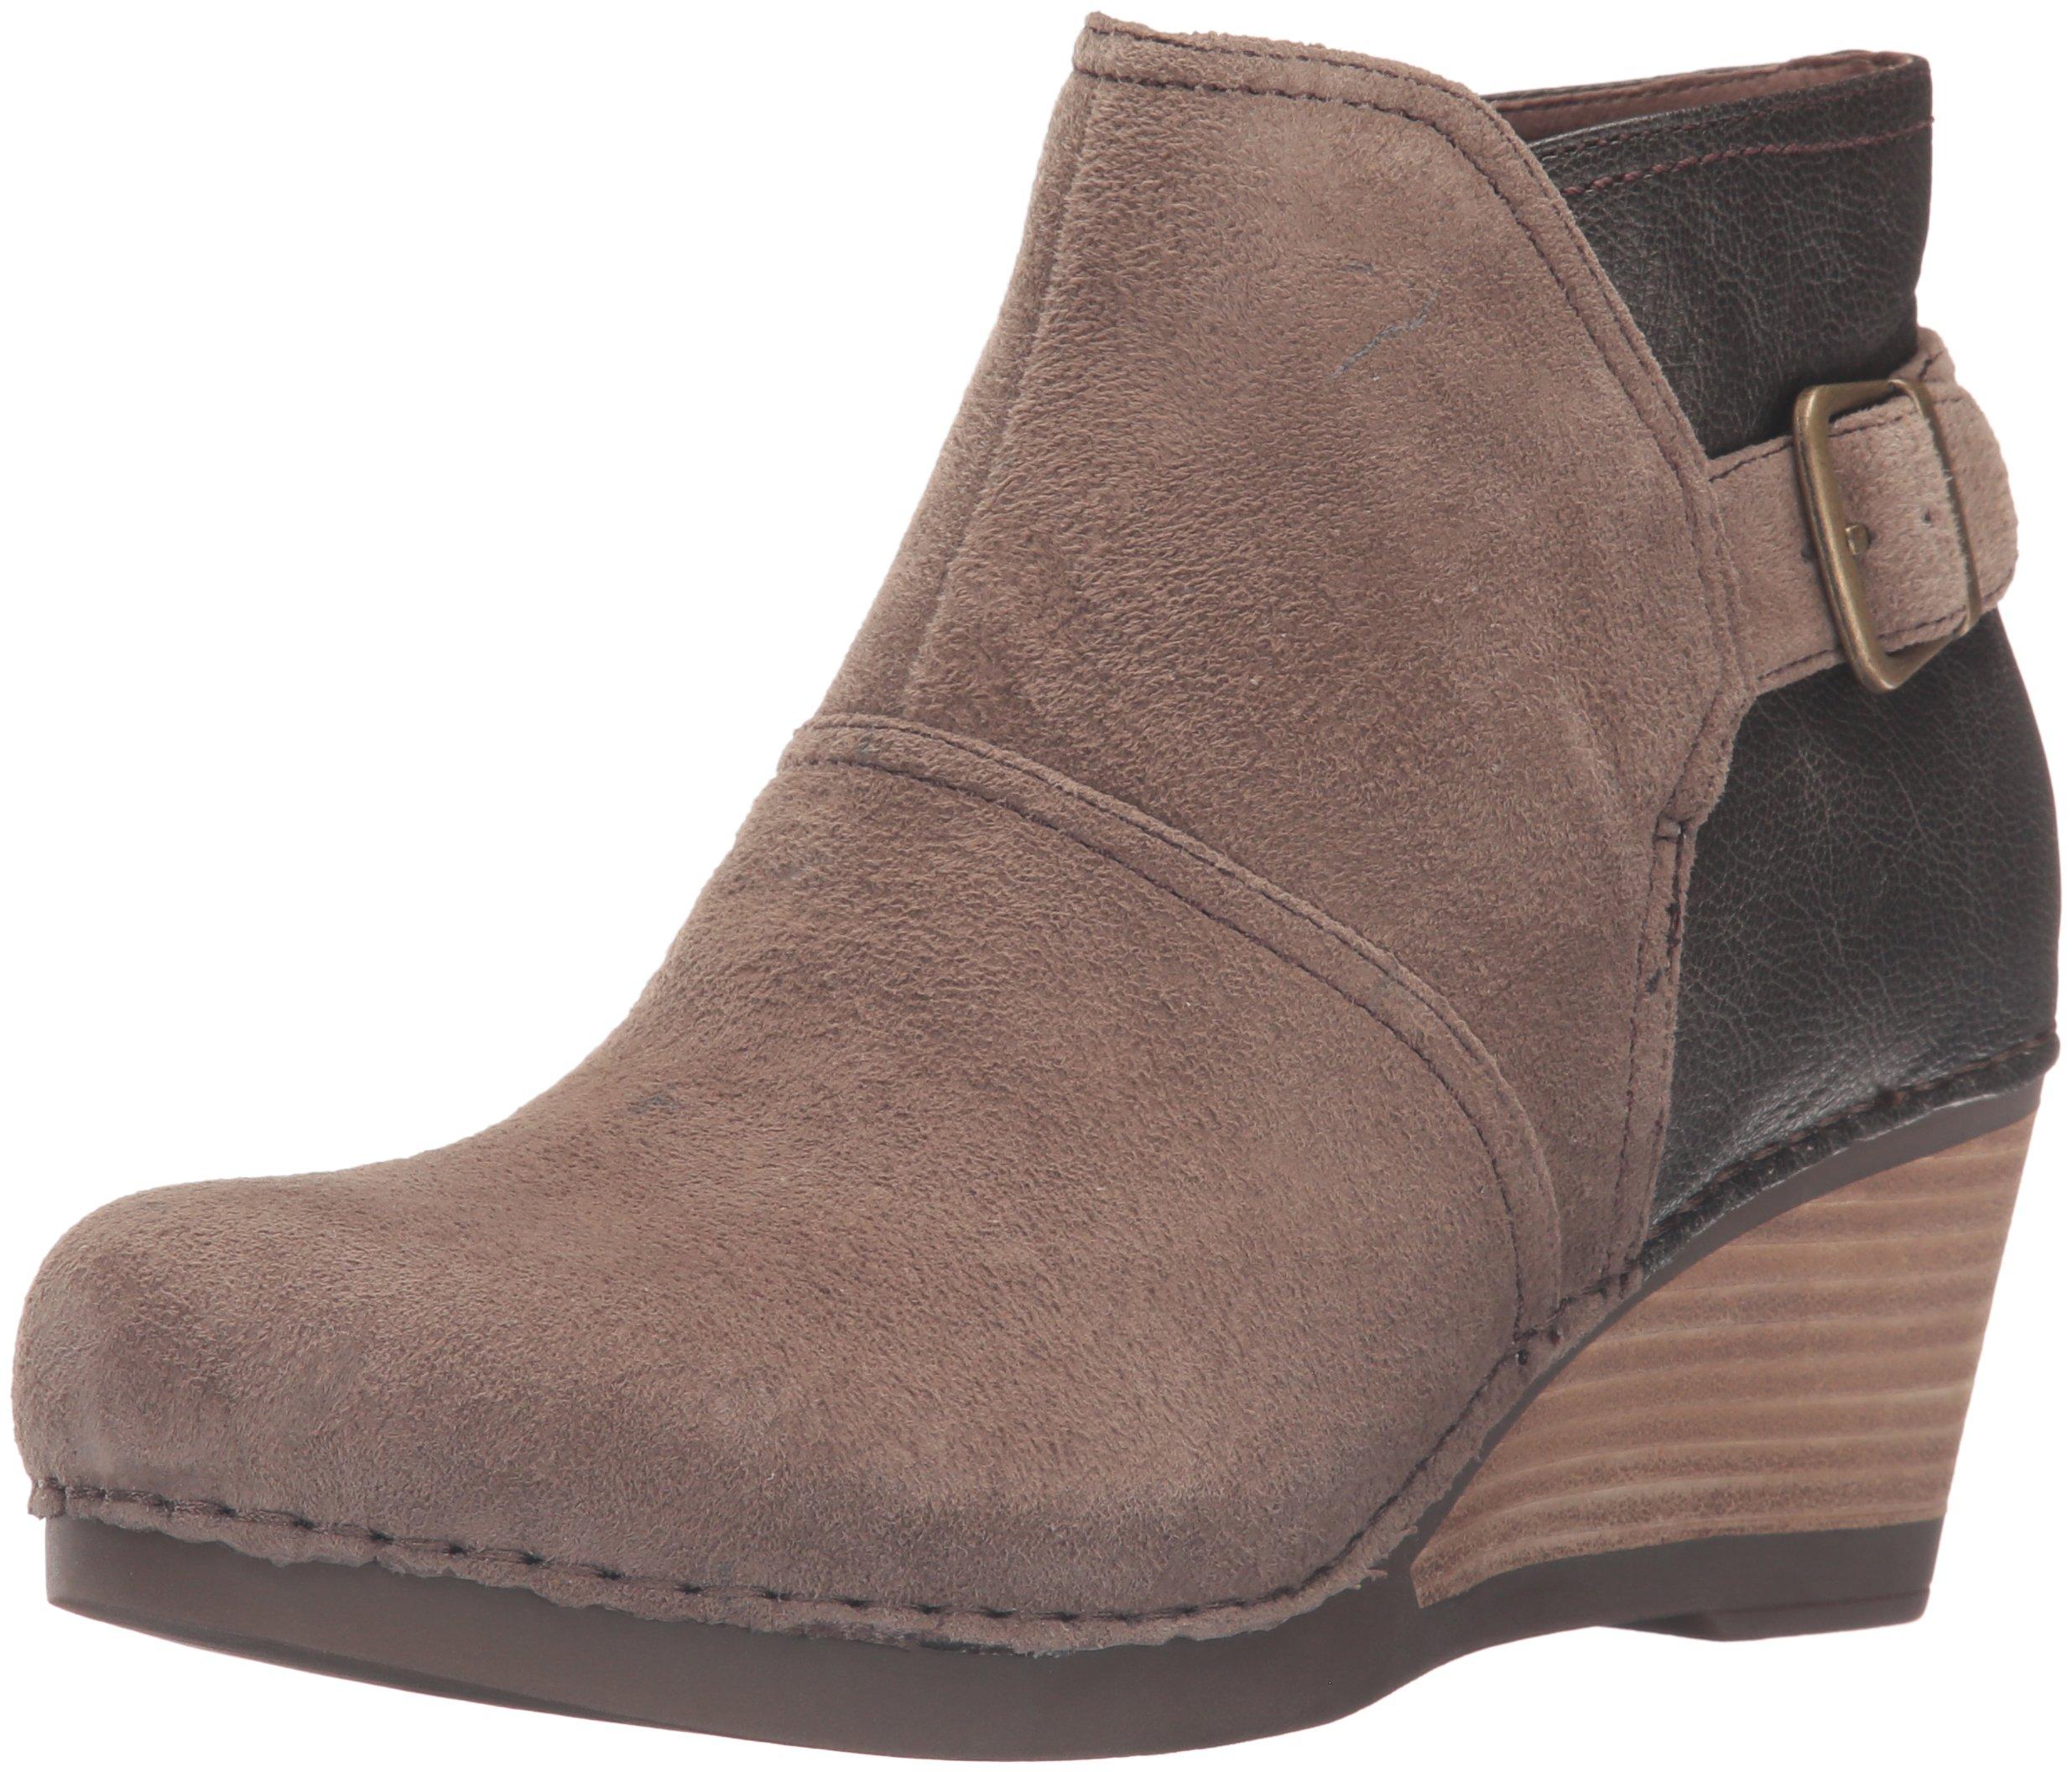 Dansko Women's Shirley Boot, Taupe Suede, 38 EU/7.5-8 M US